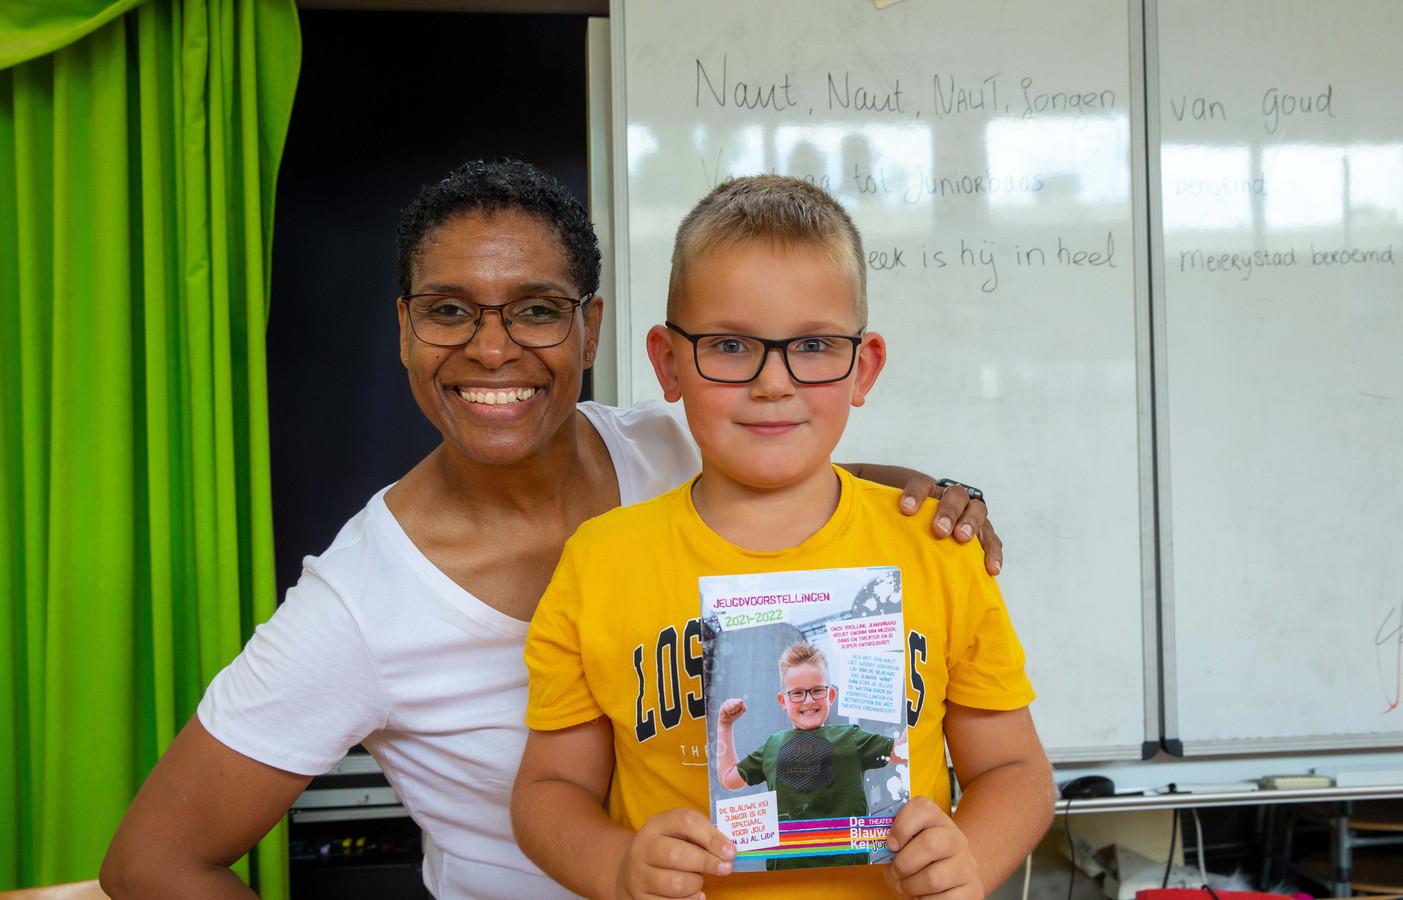 'Juniorbaas' Naut Heijnen uit Schijndel ontving uit handen van artieste Jeritza Toney het eerste exemplaar van de juniorfolder van theater De Blauwe Kei.